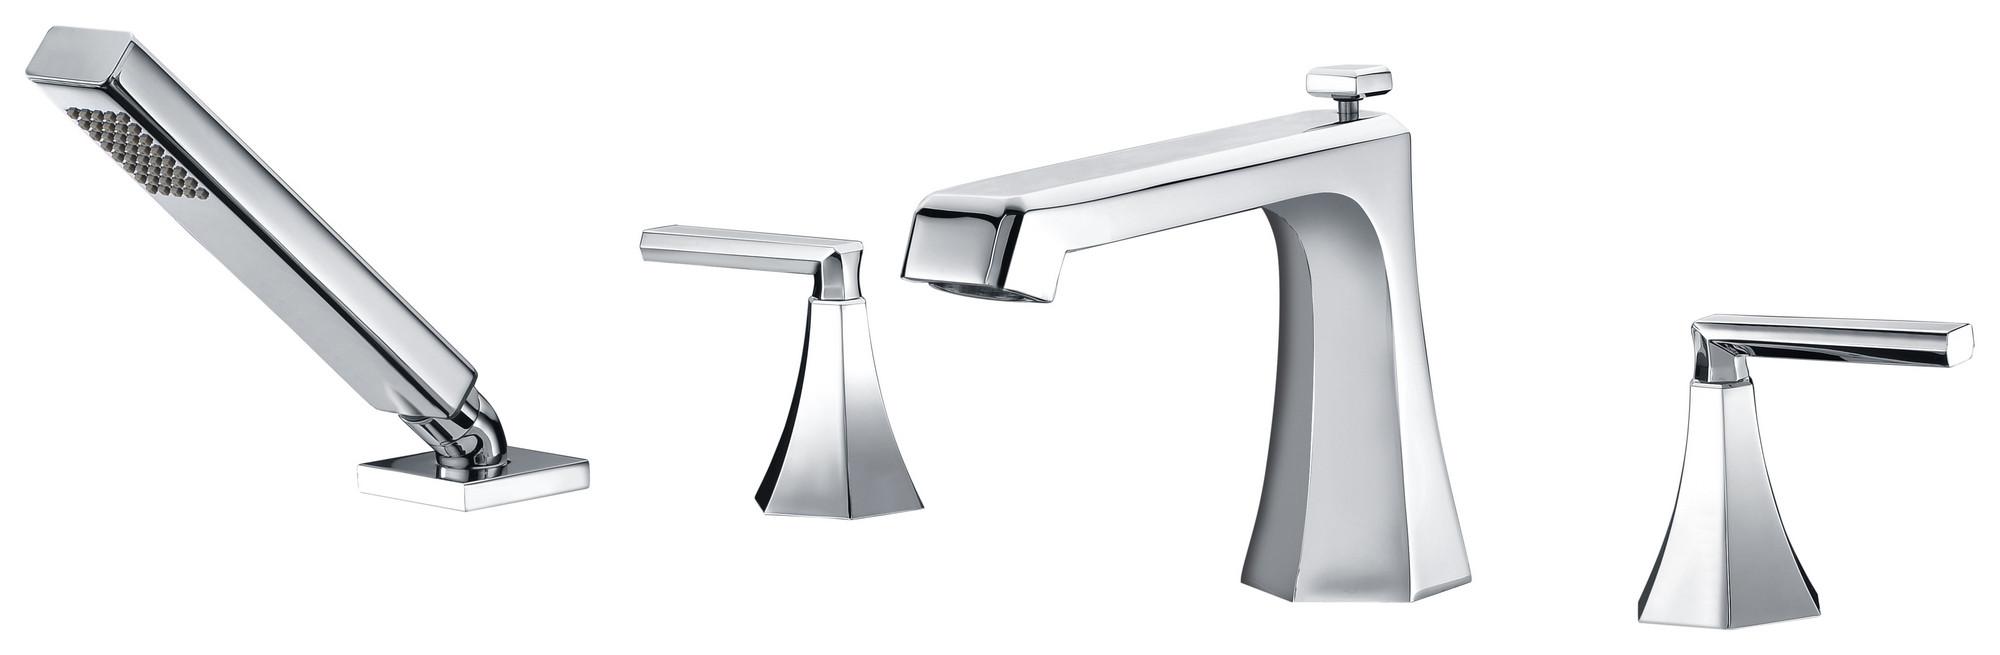 ANZZI FR-AZ574 Shine Series Deck Mount Roman Tub Faucet In Polished Chrome